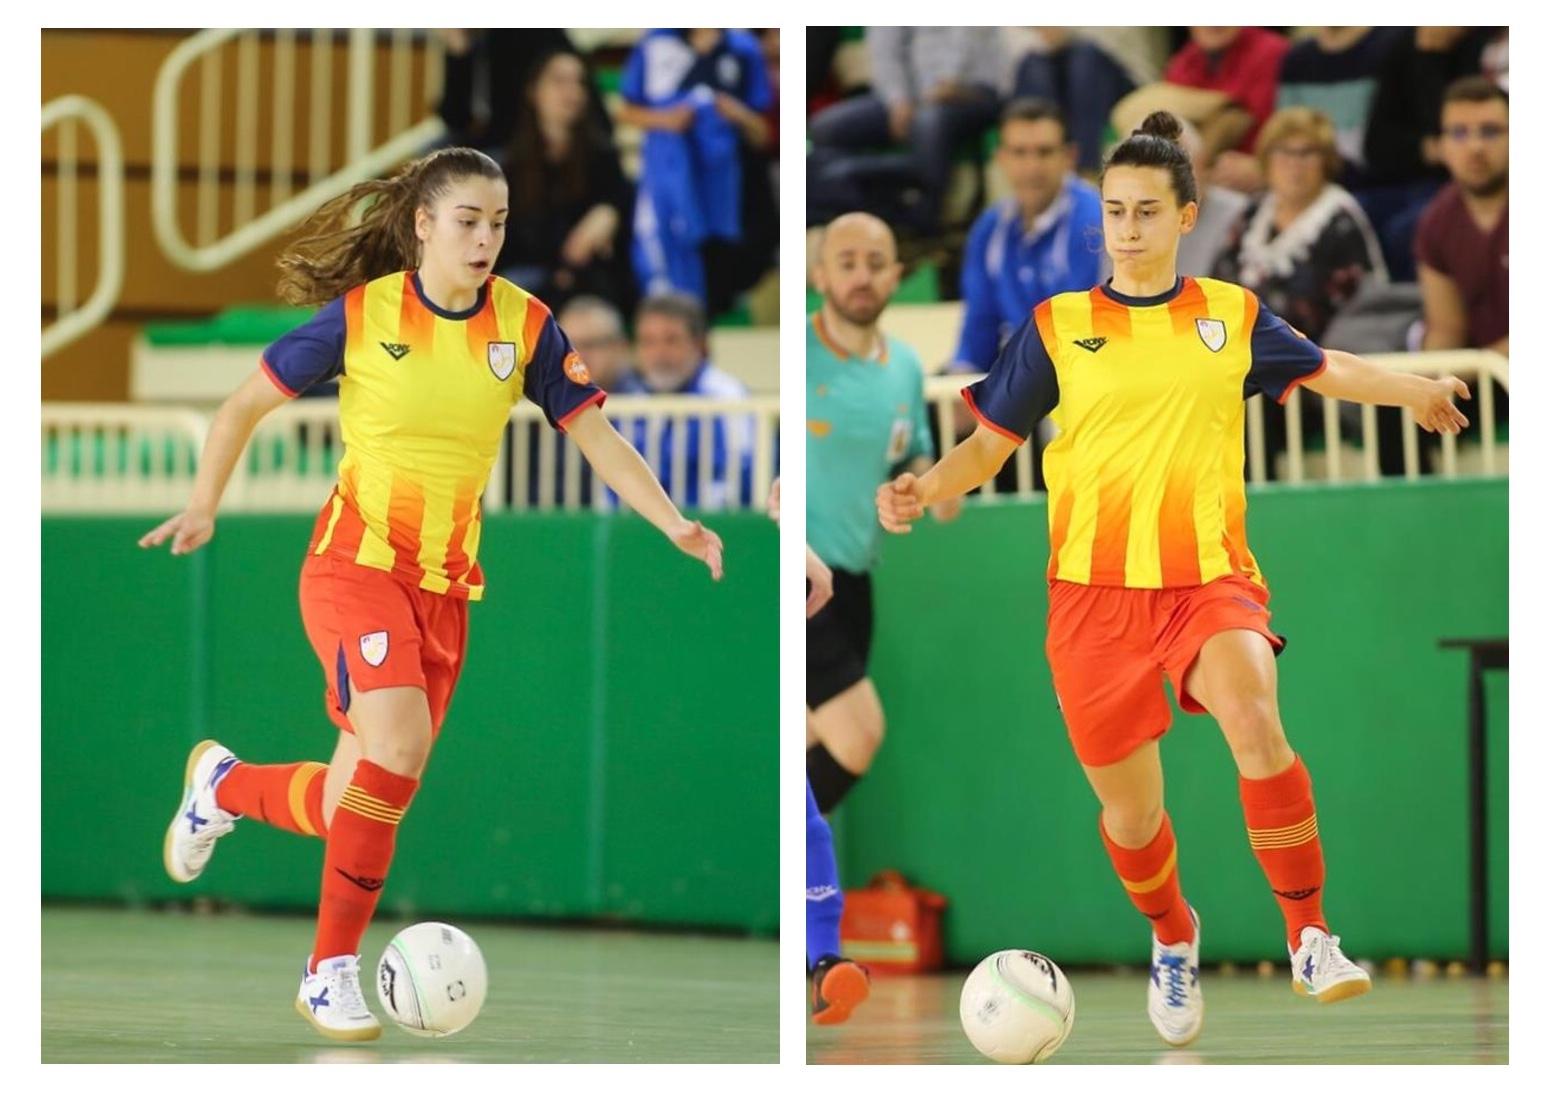 Laura Oliva I Marta De Los Riscos, A La Fase Final Del Campionat D'Espanya Sub21 Amb La Selecció Catalana